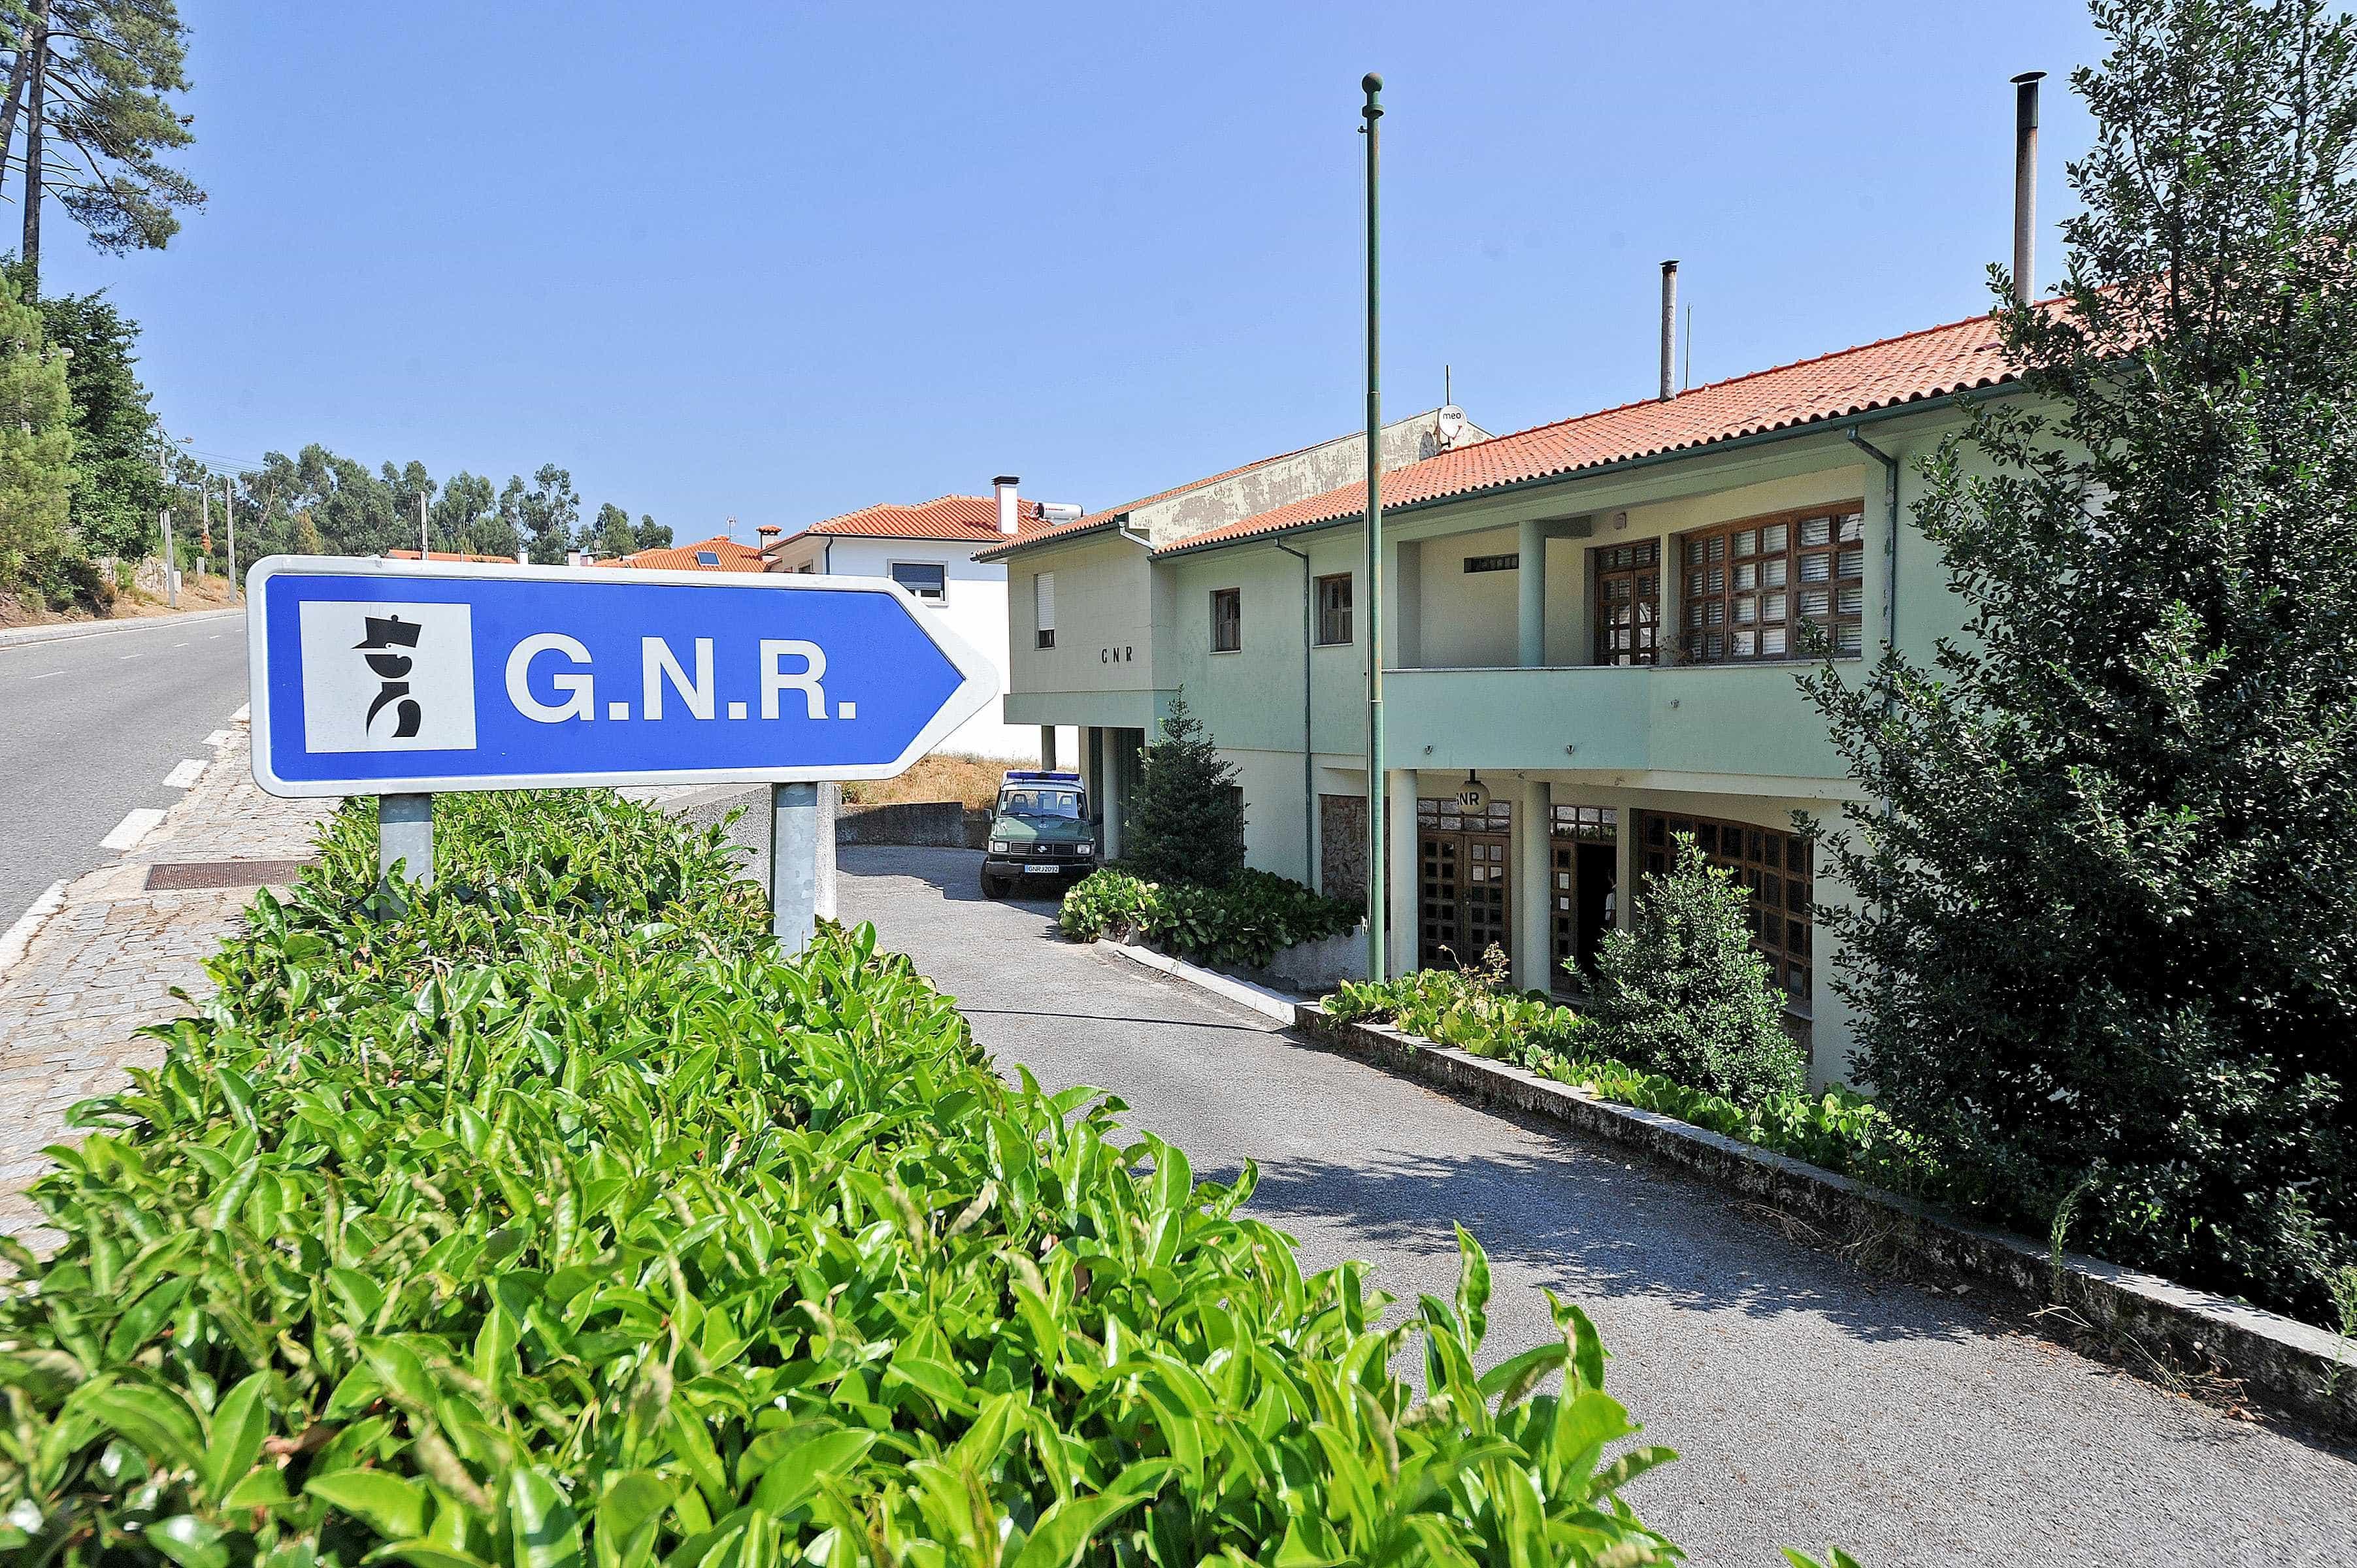 Dupla de ladrões apanhada pela GNR após o quinto assalto numa noite